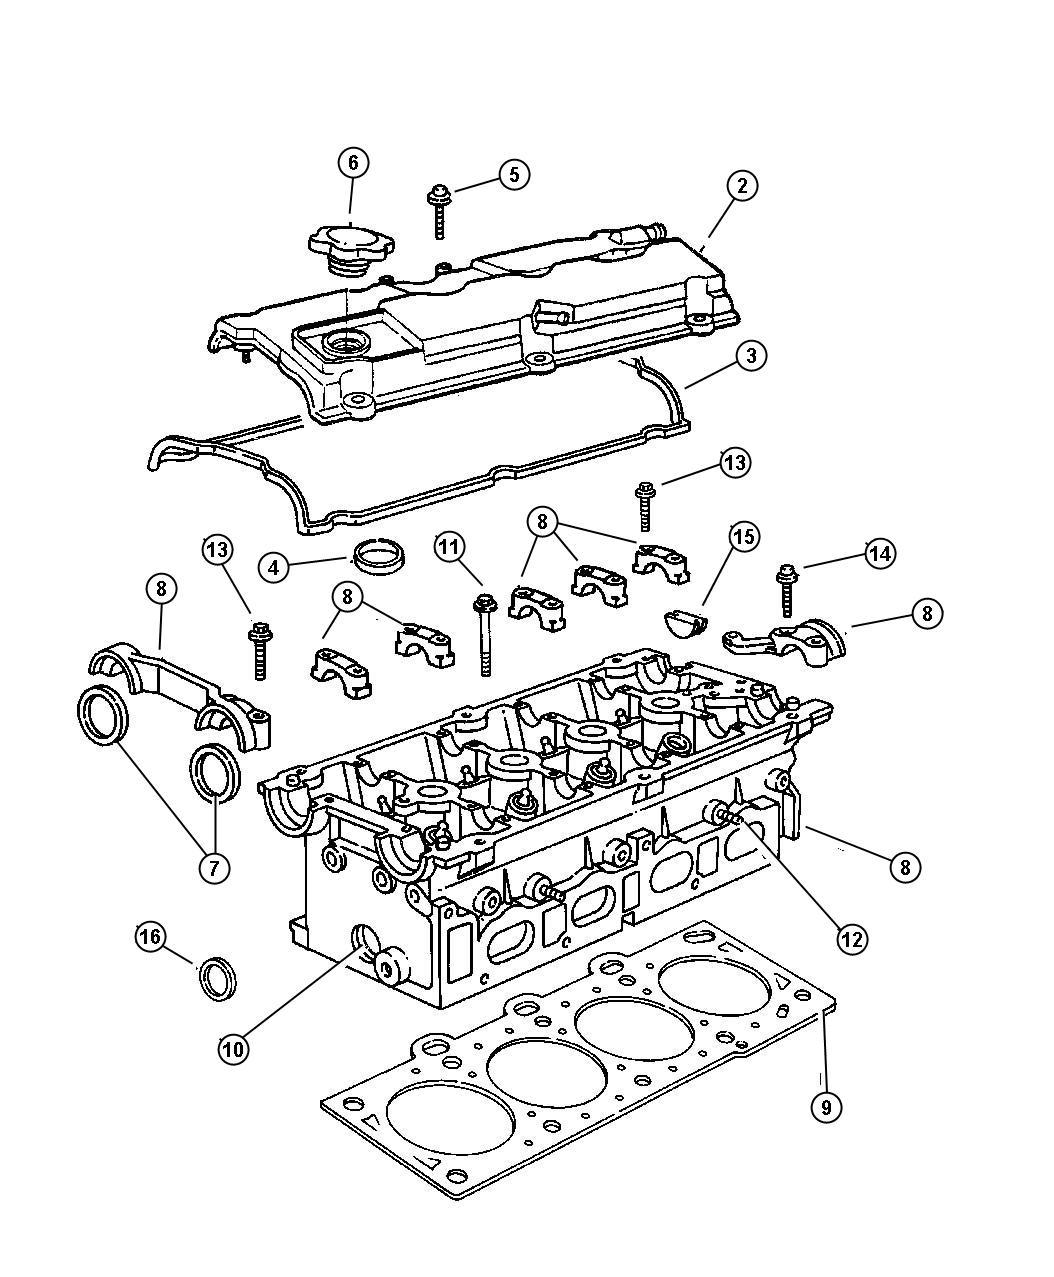 2002 Chrysler Sebring Gasket. Cylinder head. Emissions